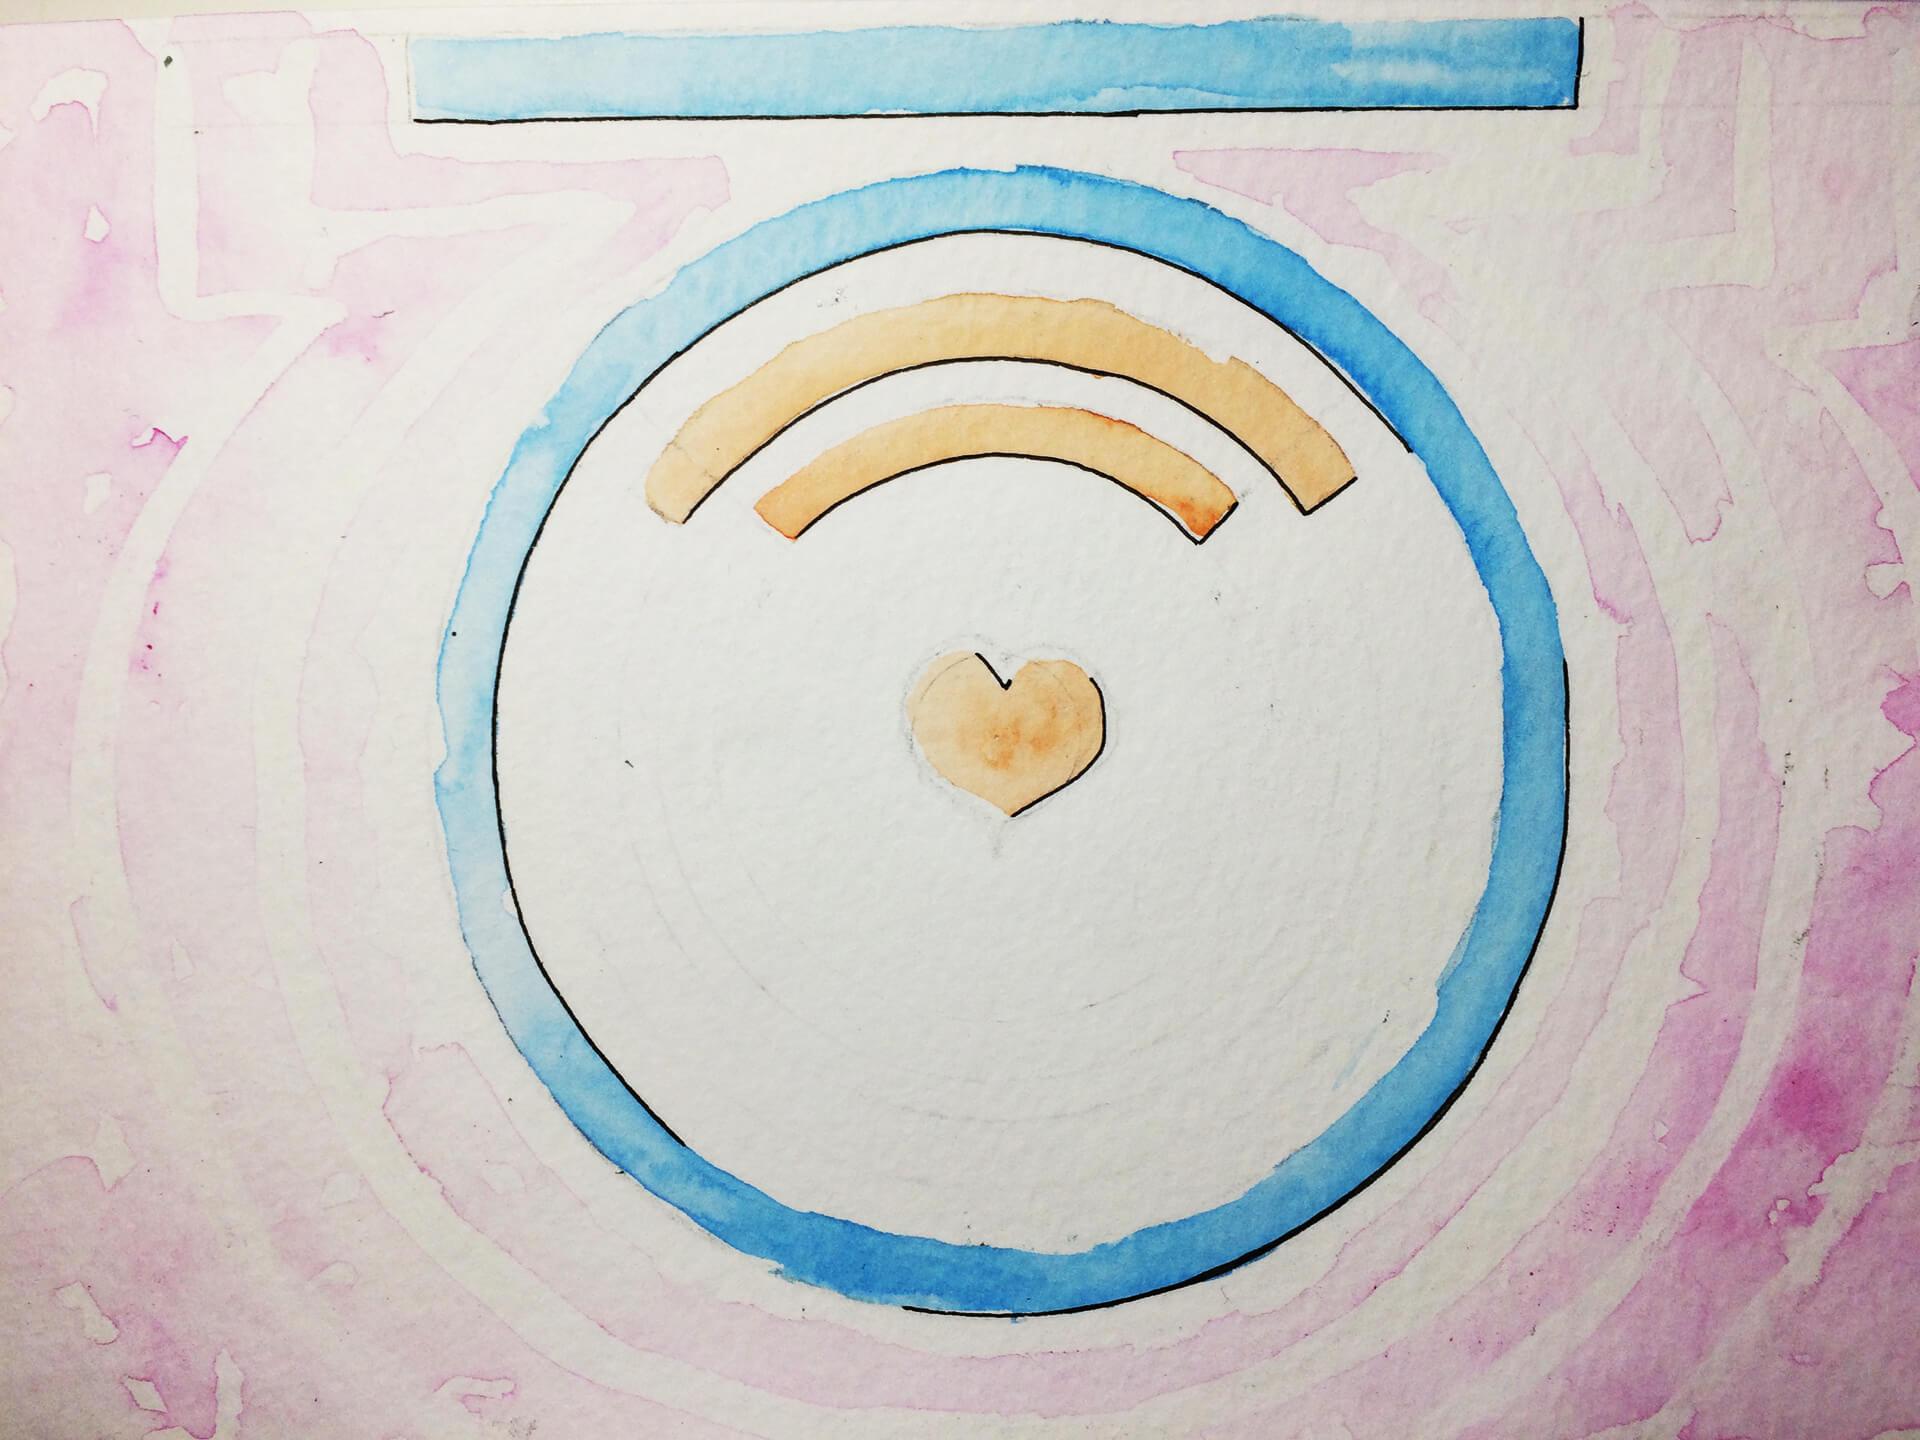 Logo du Café avec un coeur